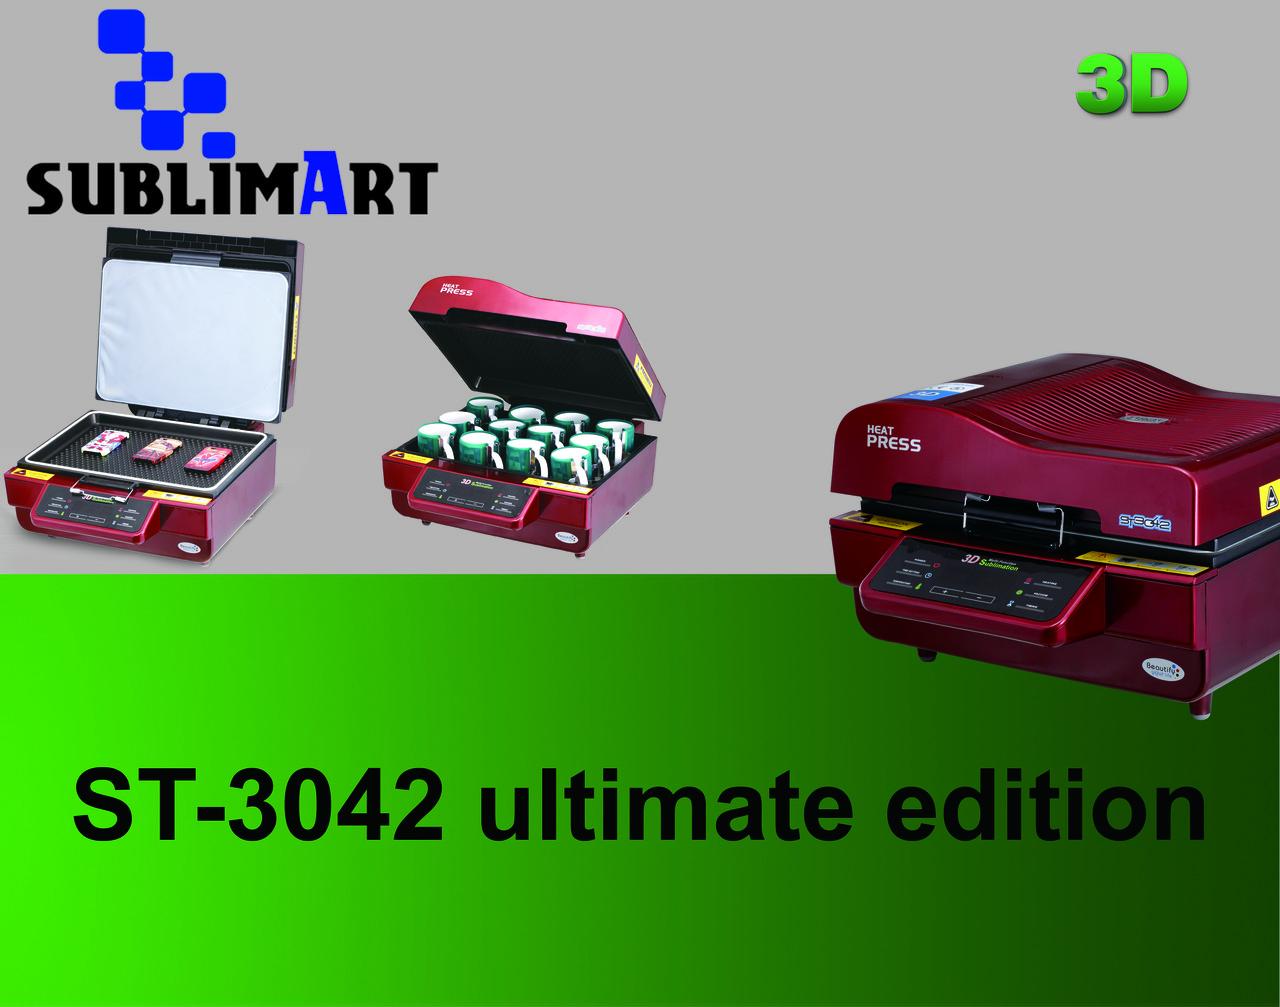 Многоцелевой вакуумный термопресс для 3D сублимации ST-3042 ultimate edition